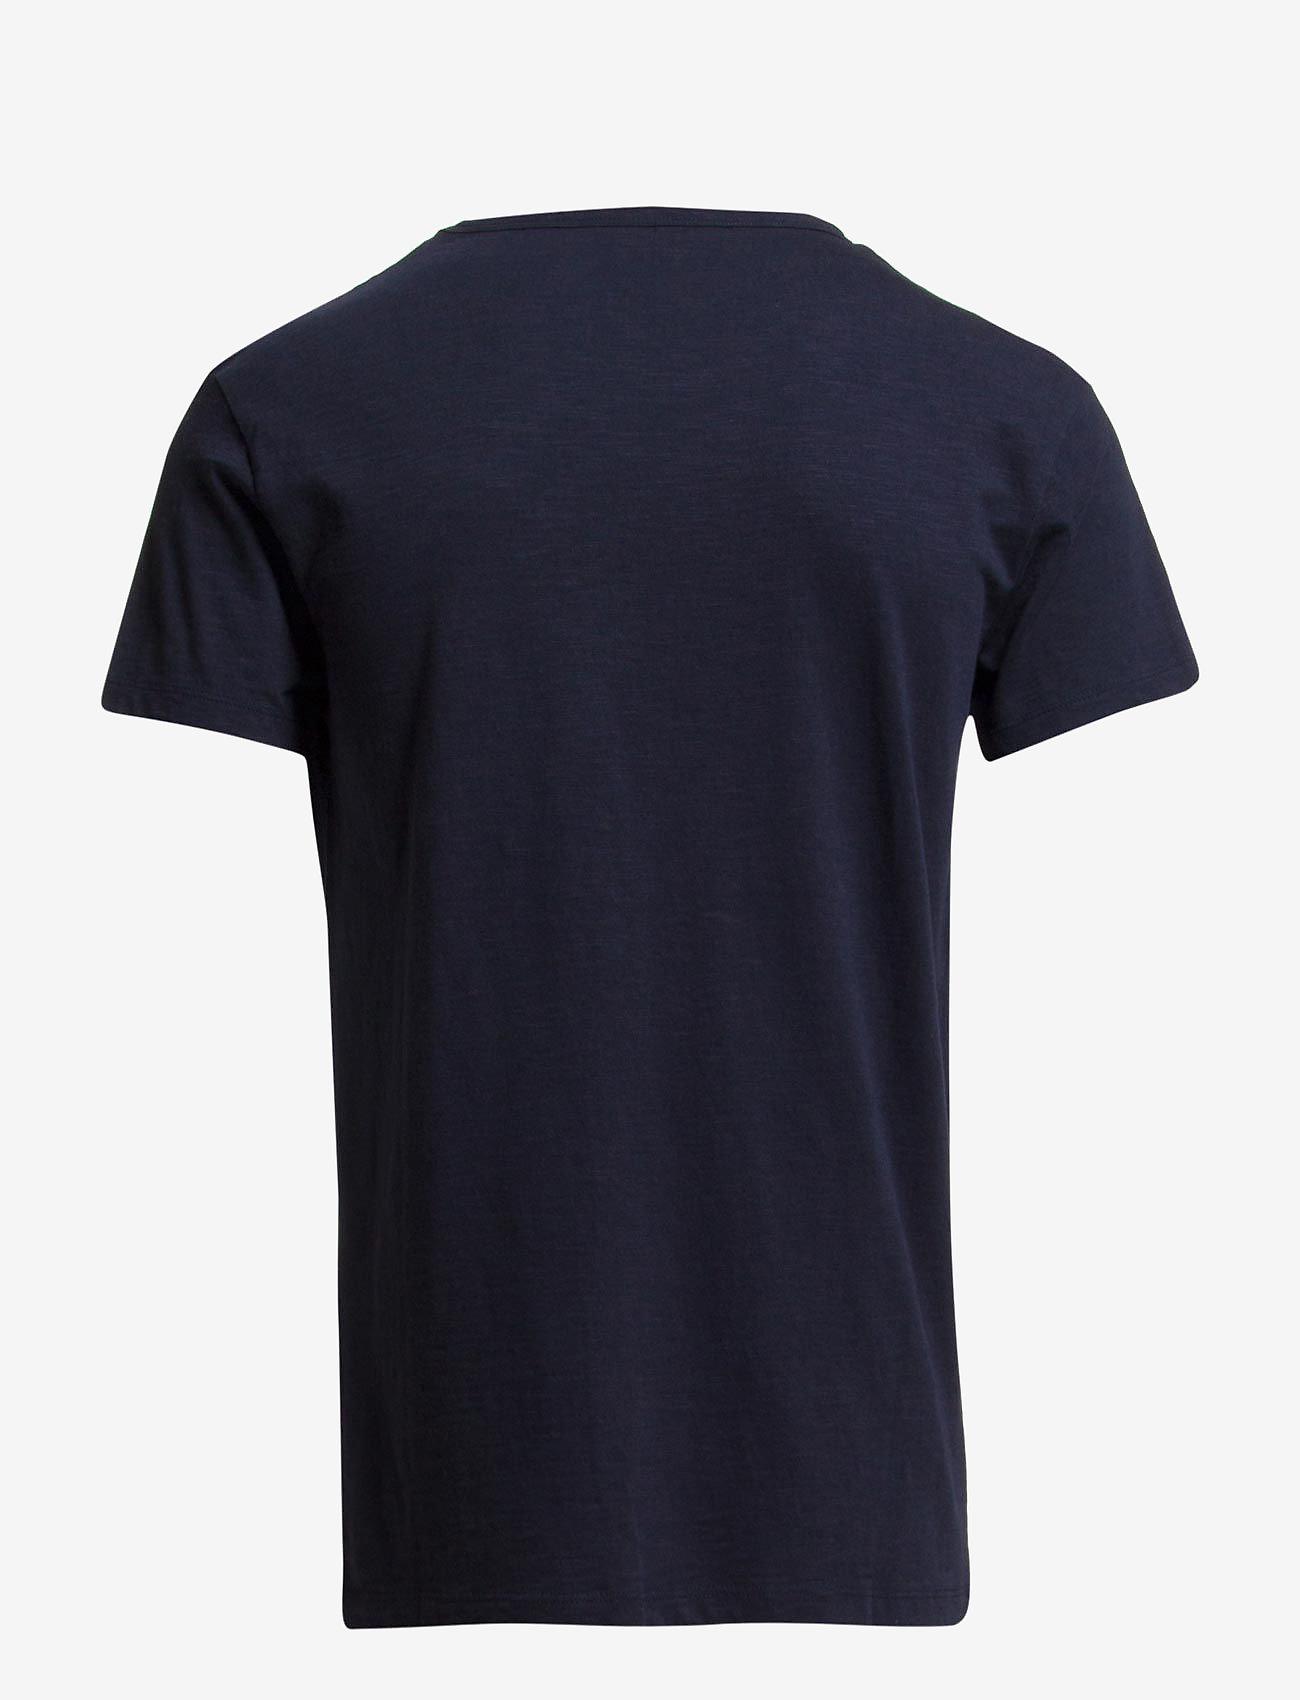 Samsøe Samsøe Lassen o-n ss 2586 - T-skjorter TOTAL ECLIPSE - Menn Klær